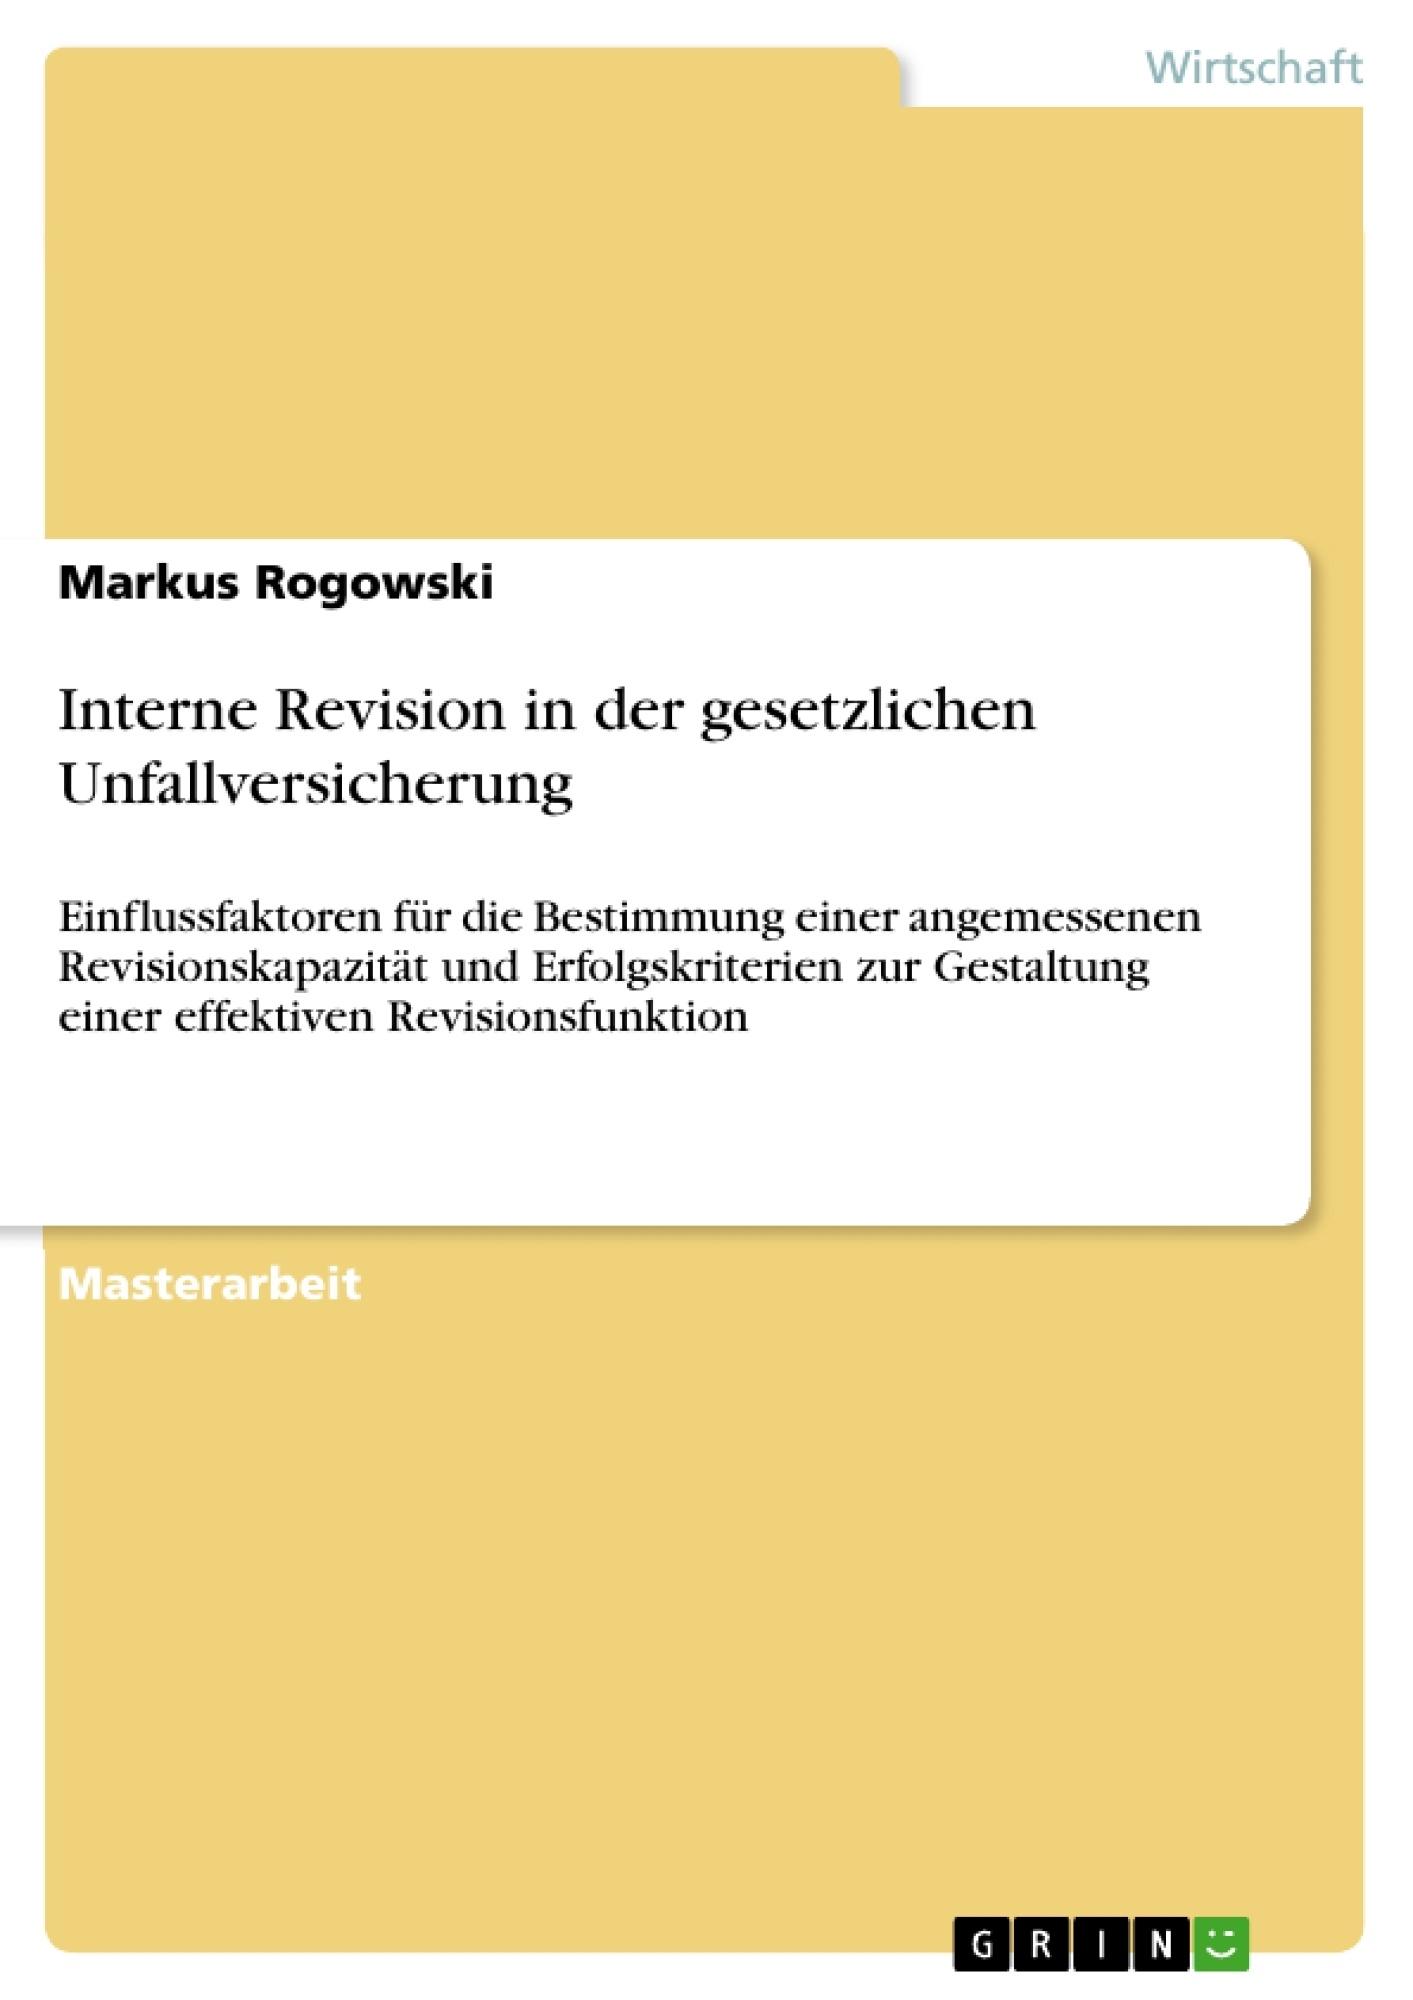 Titel: Interne Revision in der gesetzlichen Unfallversicherung